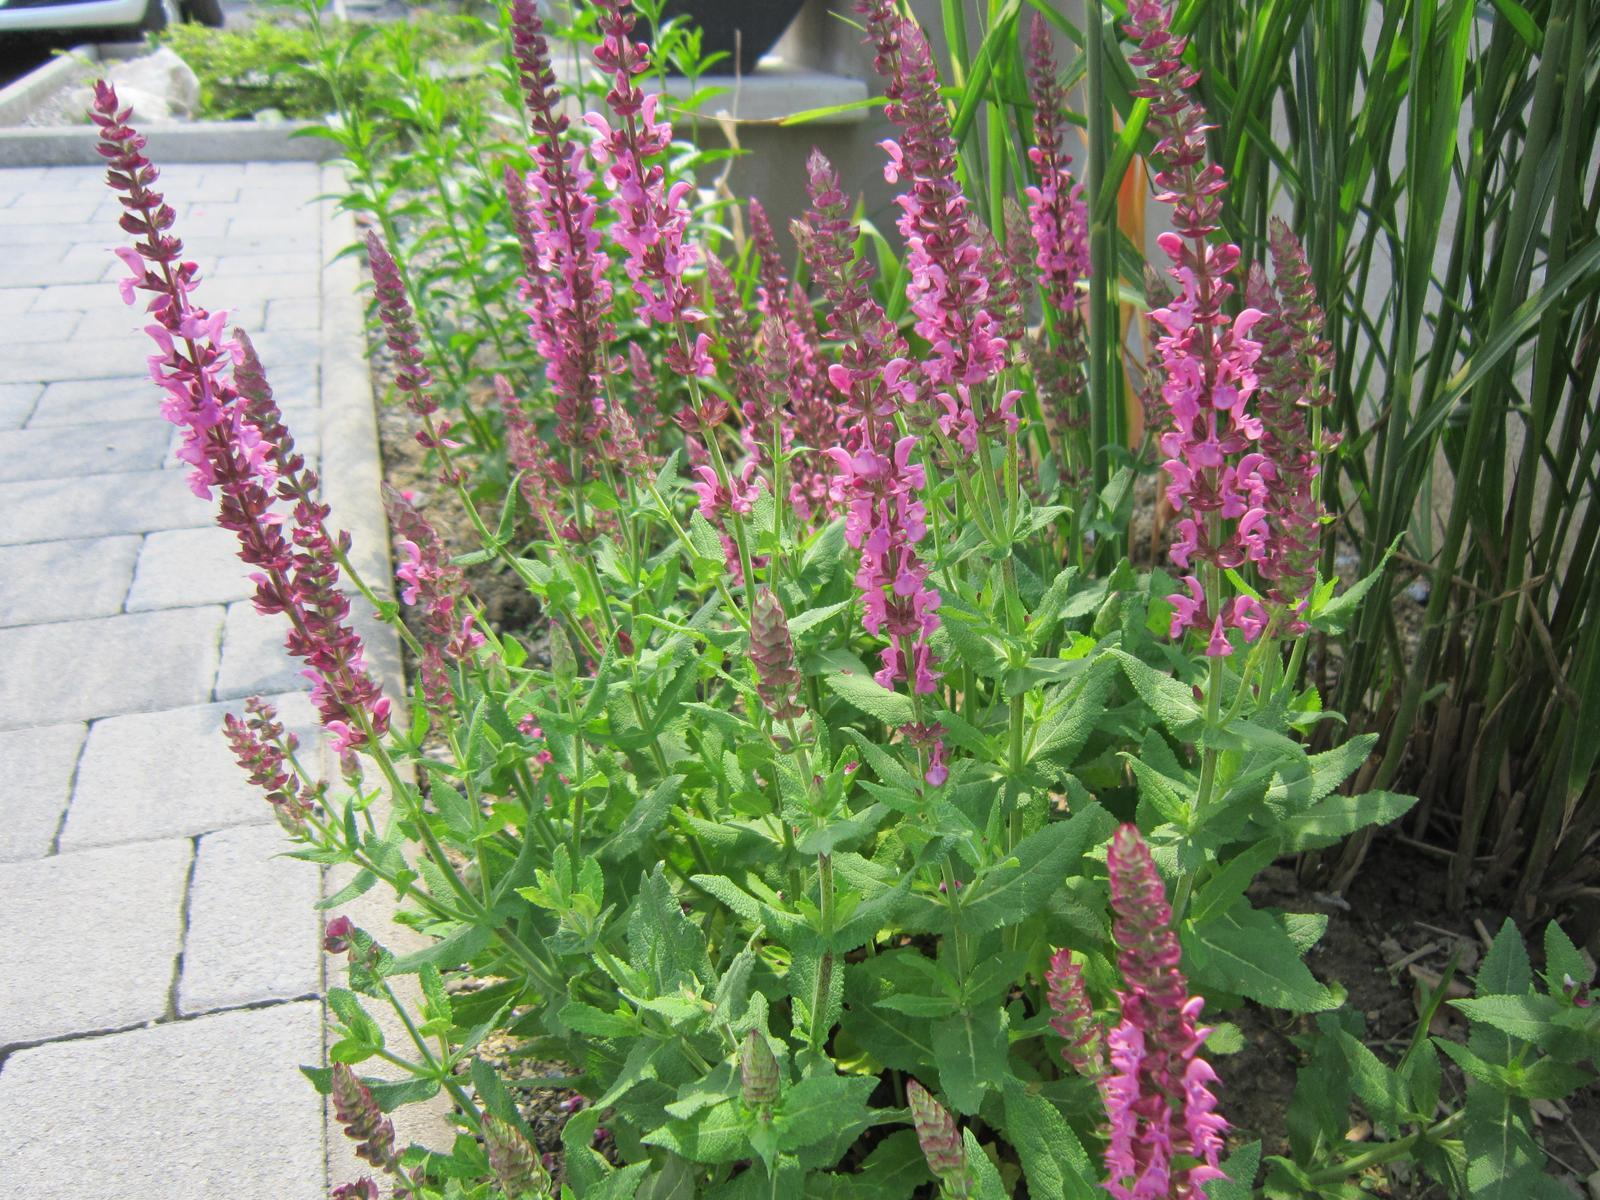 Pozvanie do našej jarnej záhrady - ružová šalvia